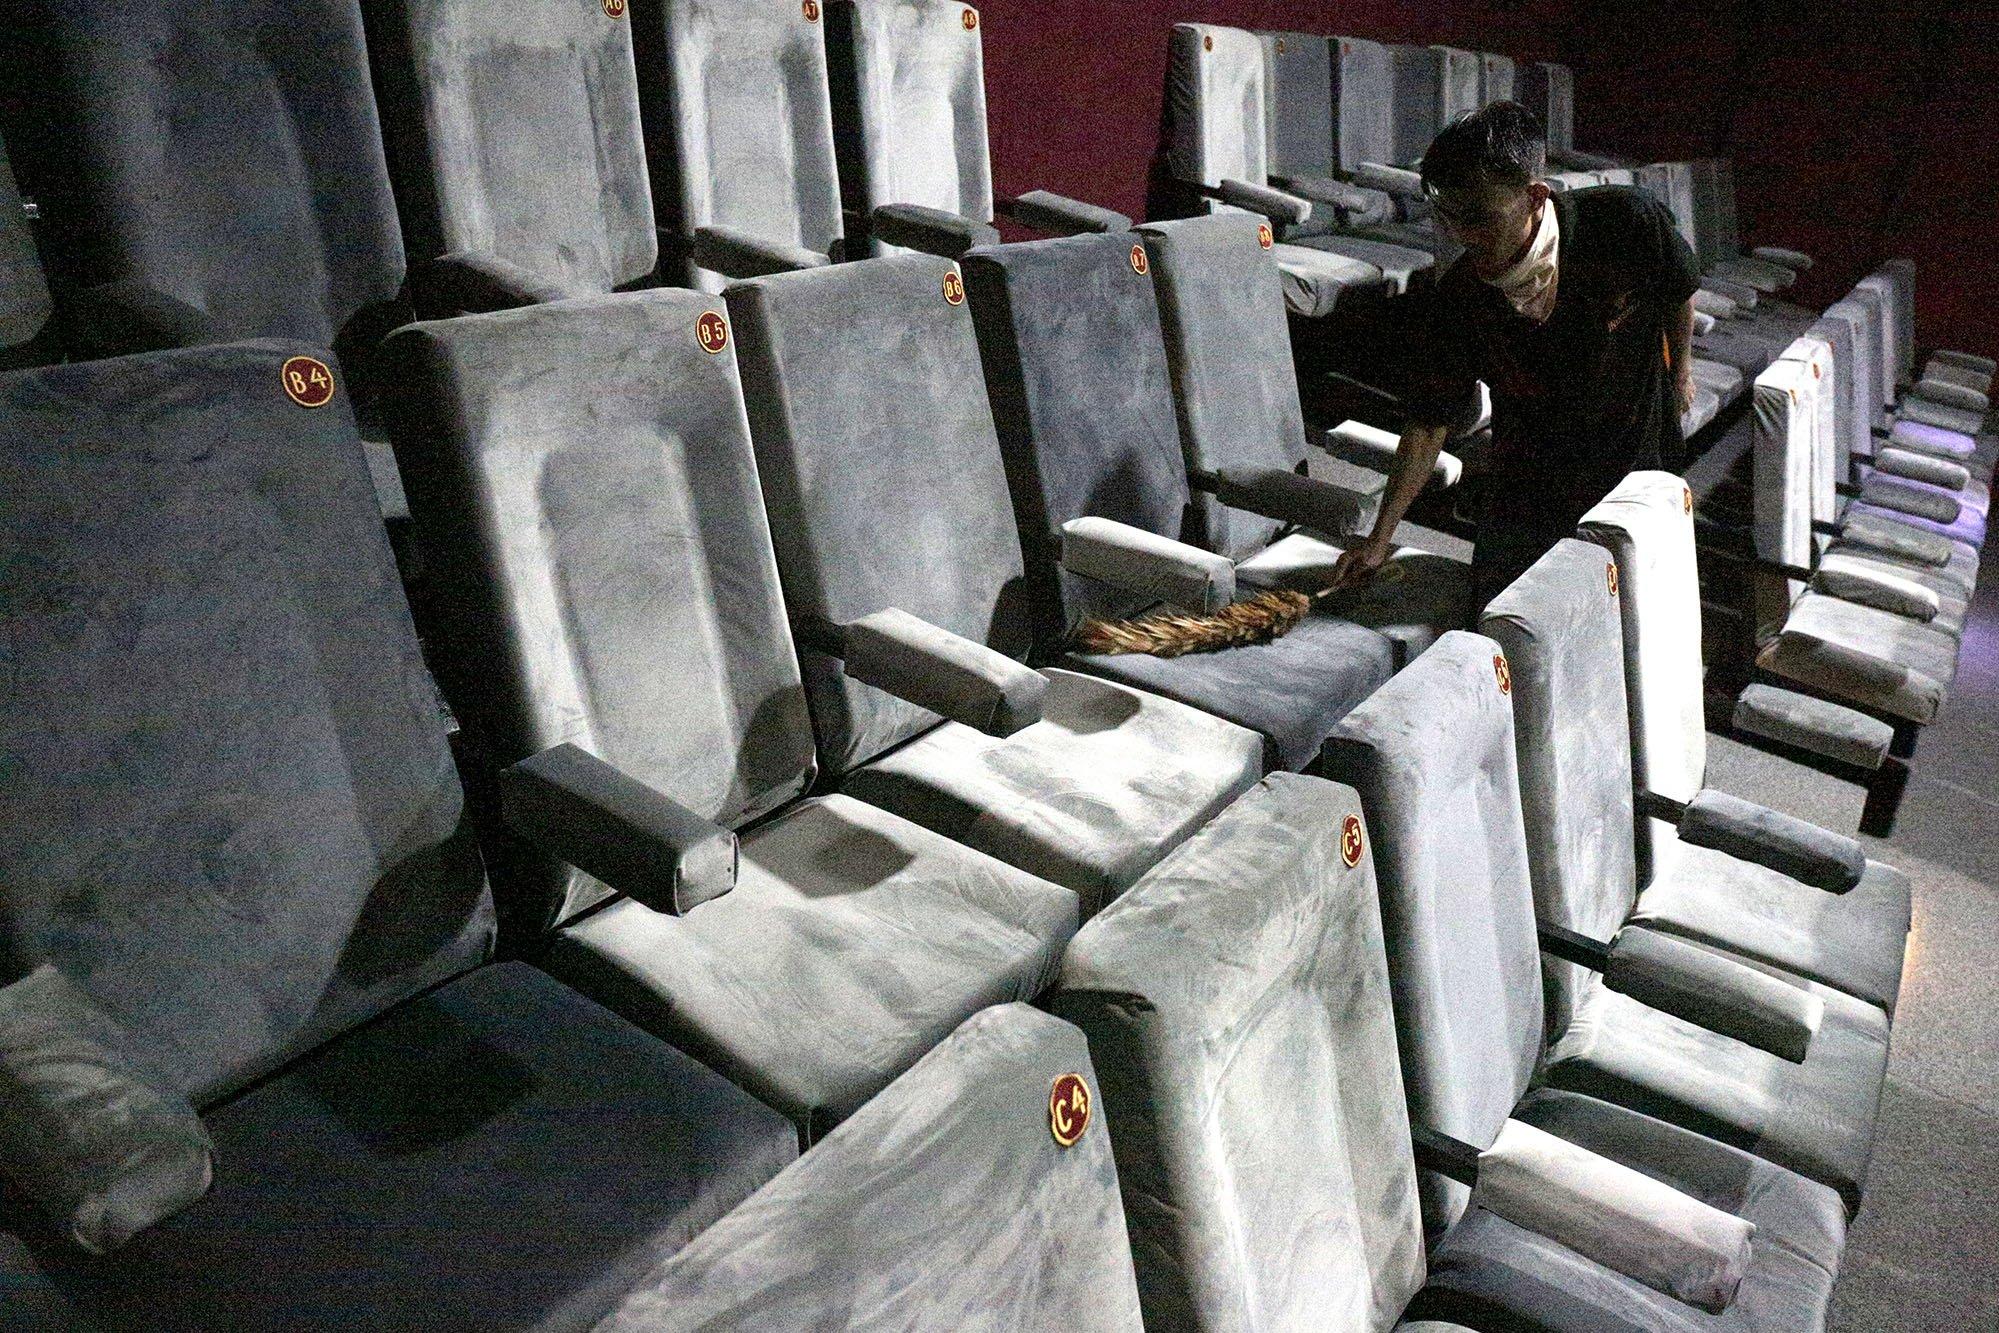 Seorang pekerja membersihkan kursi di Indiskop atau Bioskop Rakyat yang di dalam Pasar Jaya Teluk Gong, Penjaringan, Jakarta Utara, Selasa (2/7/2019). Bioskop rakyat yang khusus menayangkan film-film Indonesia ini memiliki 2 studio dengan kapasitas masing-masing 128 kursi penonton, 6 speaker, 1 proyektor layar, dan 3 pendingin ruangan. Dalam masa uji coba ini, warga yang ingin menjajal bioskop rakyat ini cukup merogoh kocek Rp. 15.000 untuk dewasa dan Rp. 5.000 untuk anak kecil.